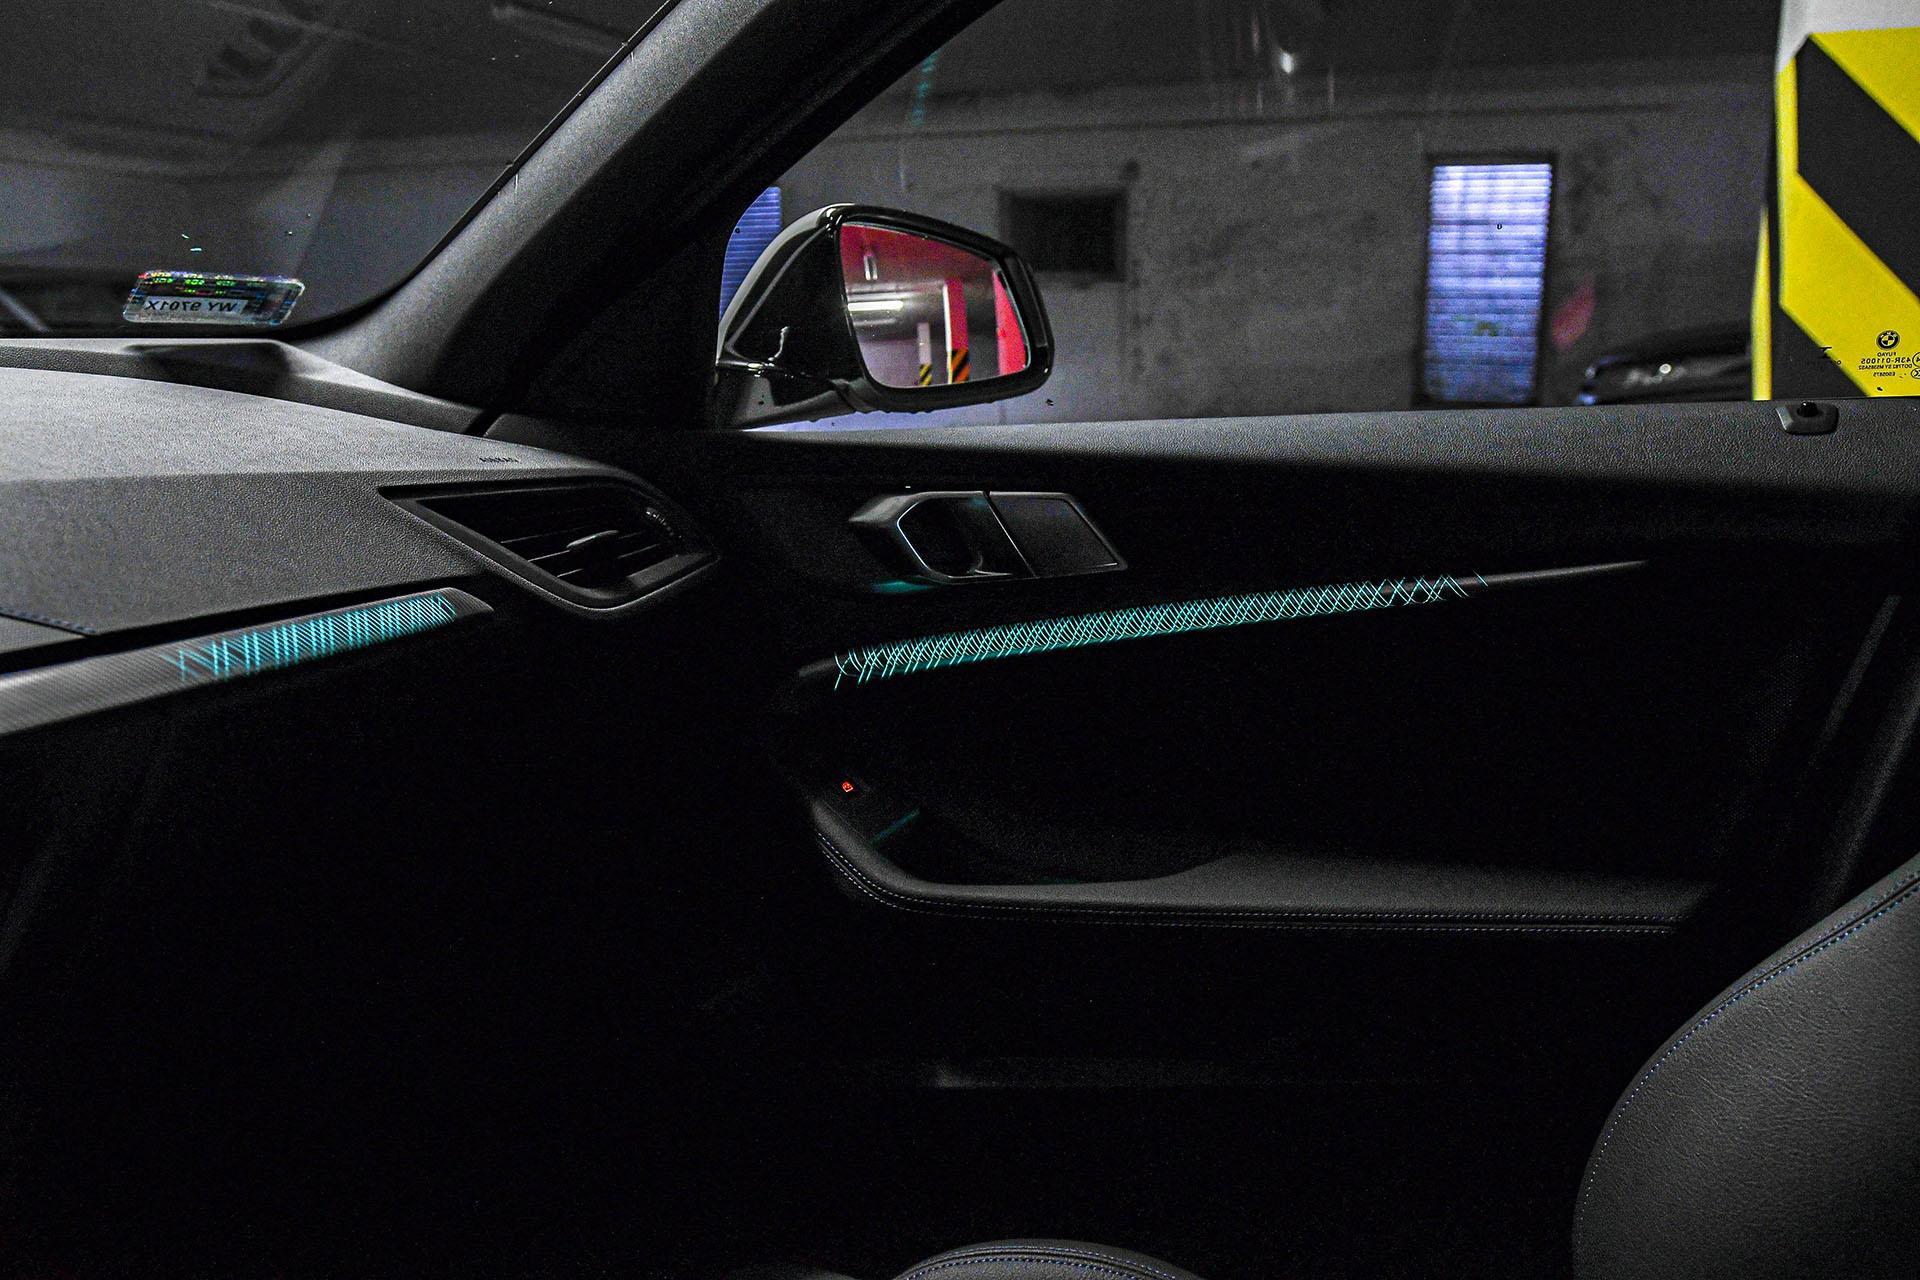 BMW serii 1 - oświetlenie nastrojowe – PORÓWNANIE BMW 118i, Mazda 3 – opinie, spalanie, wymiary, dane techniczne